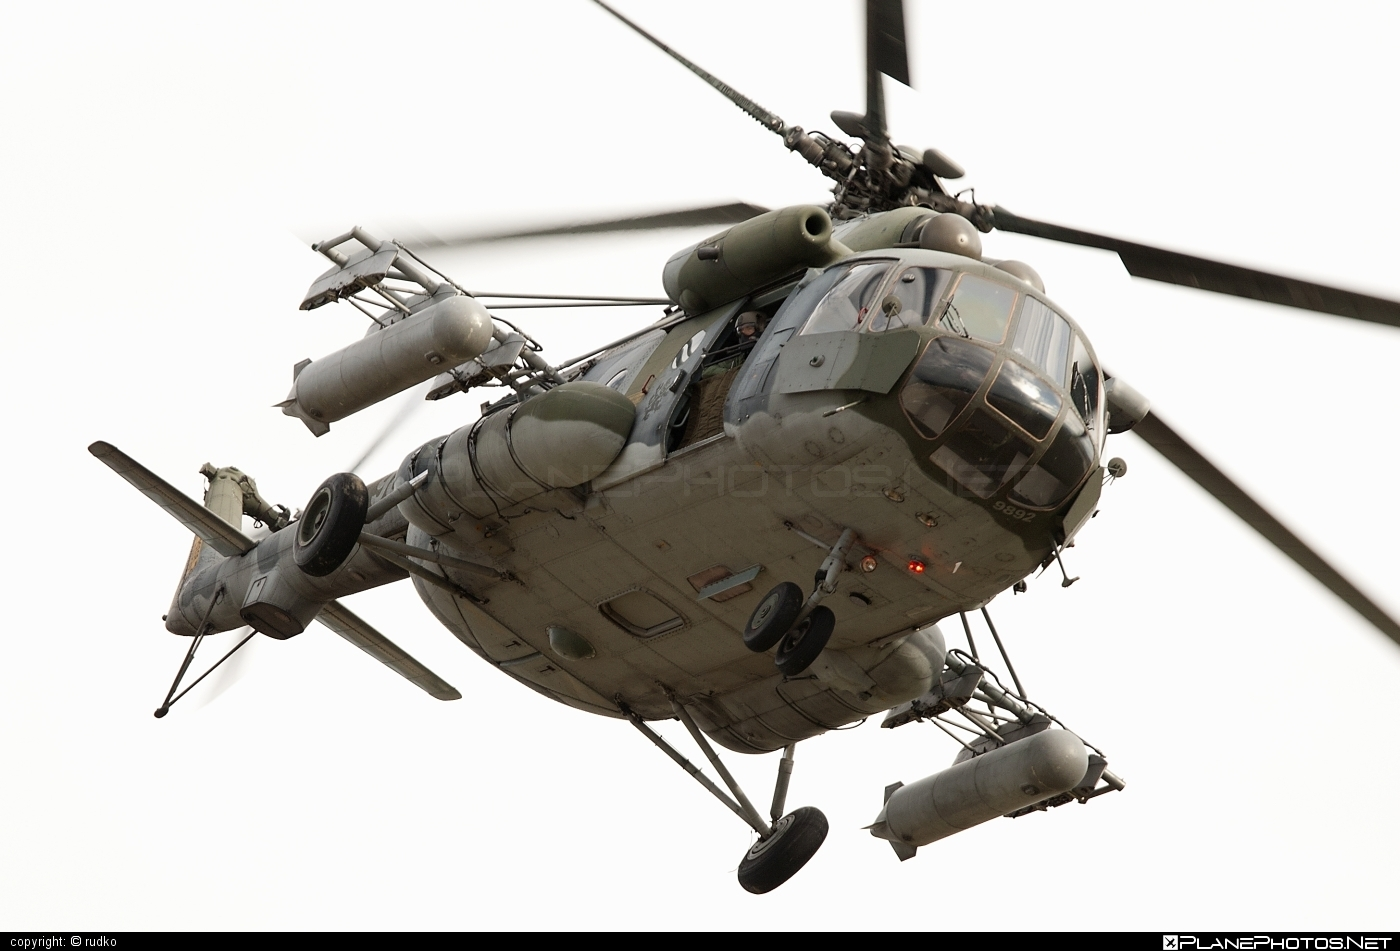 Mil Mi-171Sh - 9892 operated by Vzdušné síly AČR (Czech Air Force) #czechairforce #mi171 #mi171sh #mil #mil171 #milhelicopters #natodays #natodays2012 #vzdusnesilyacr